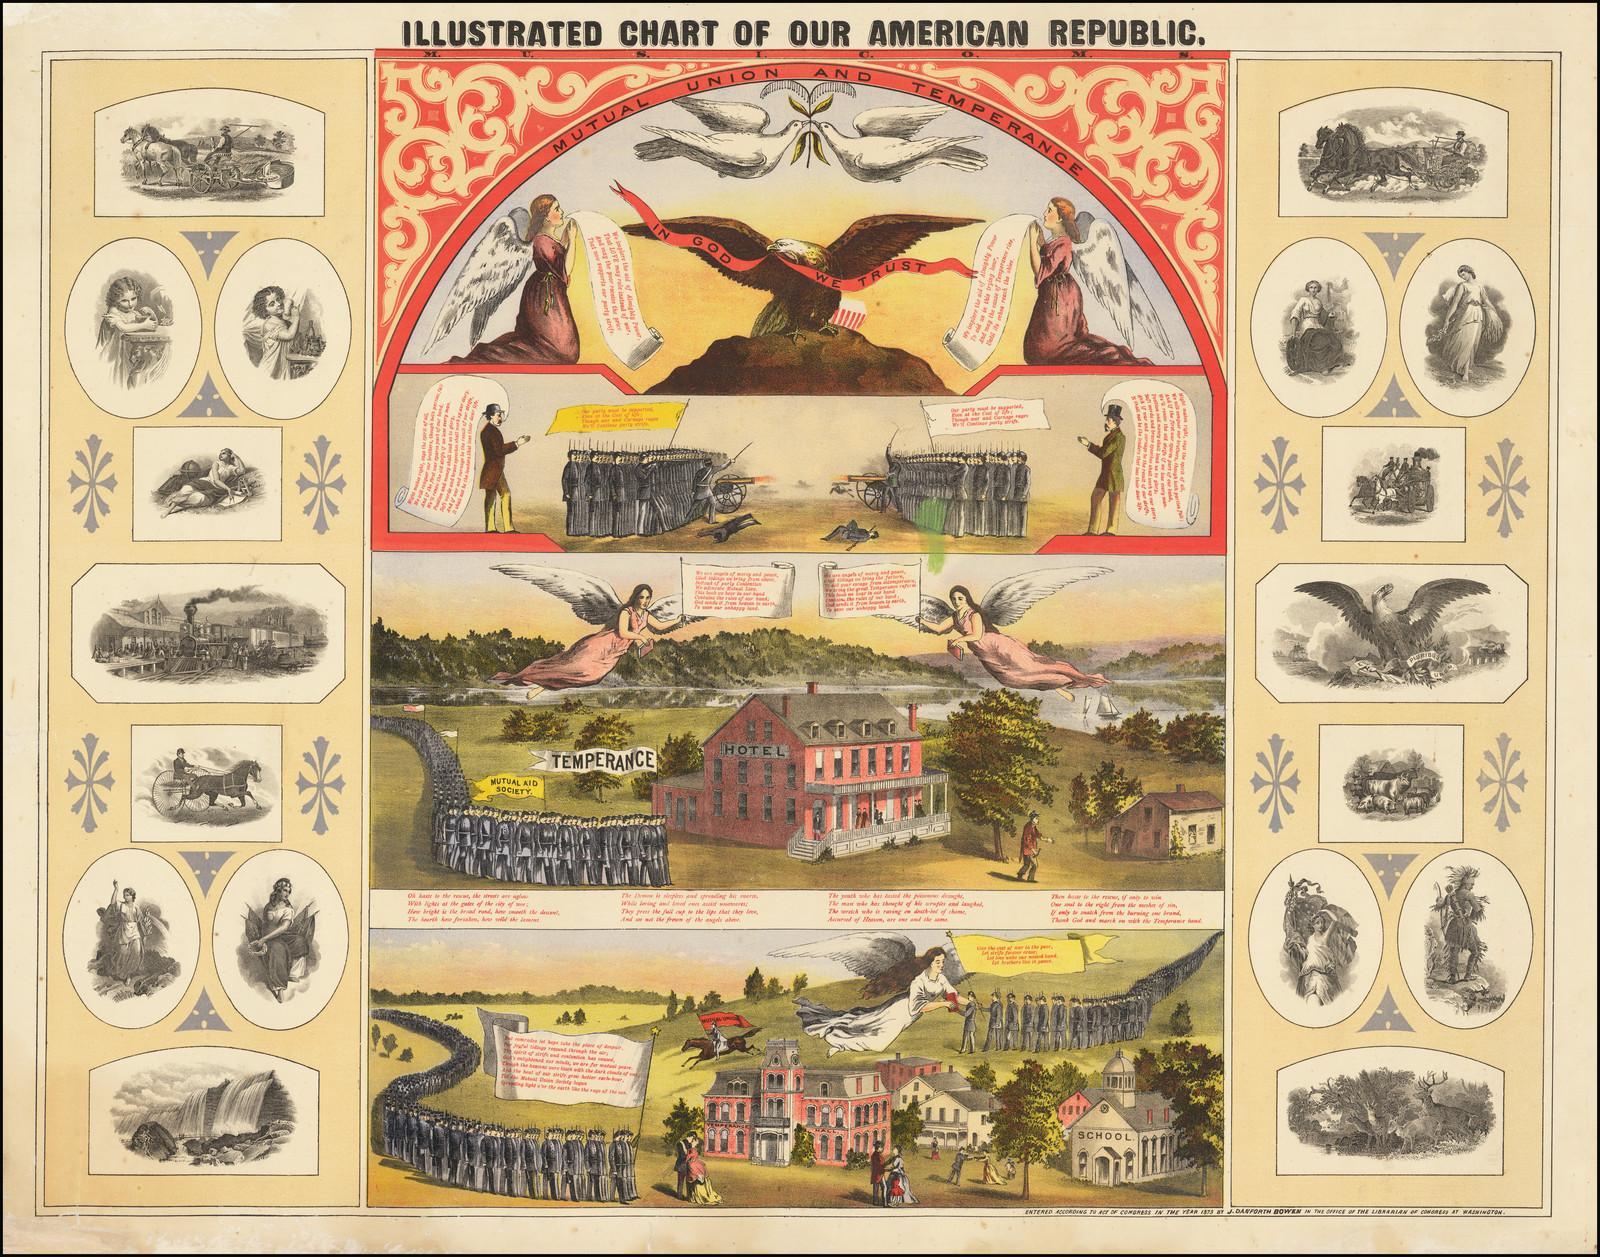 Прекрасное хромолитографическое изображение, объединяющее пять цветных печатных виньеток, связанных с американским патриотизмом, профсоюзом и трезвостью